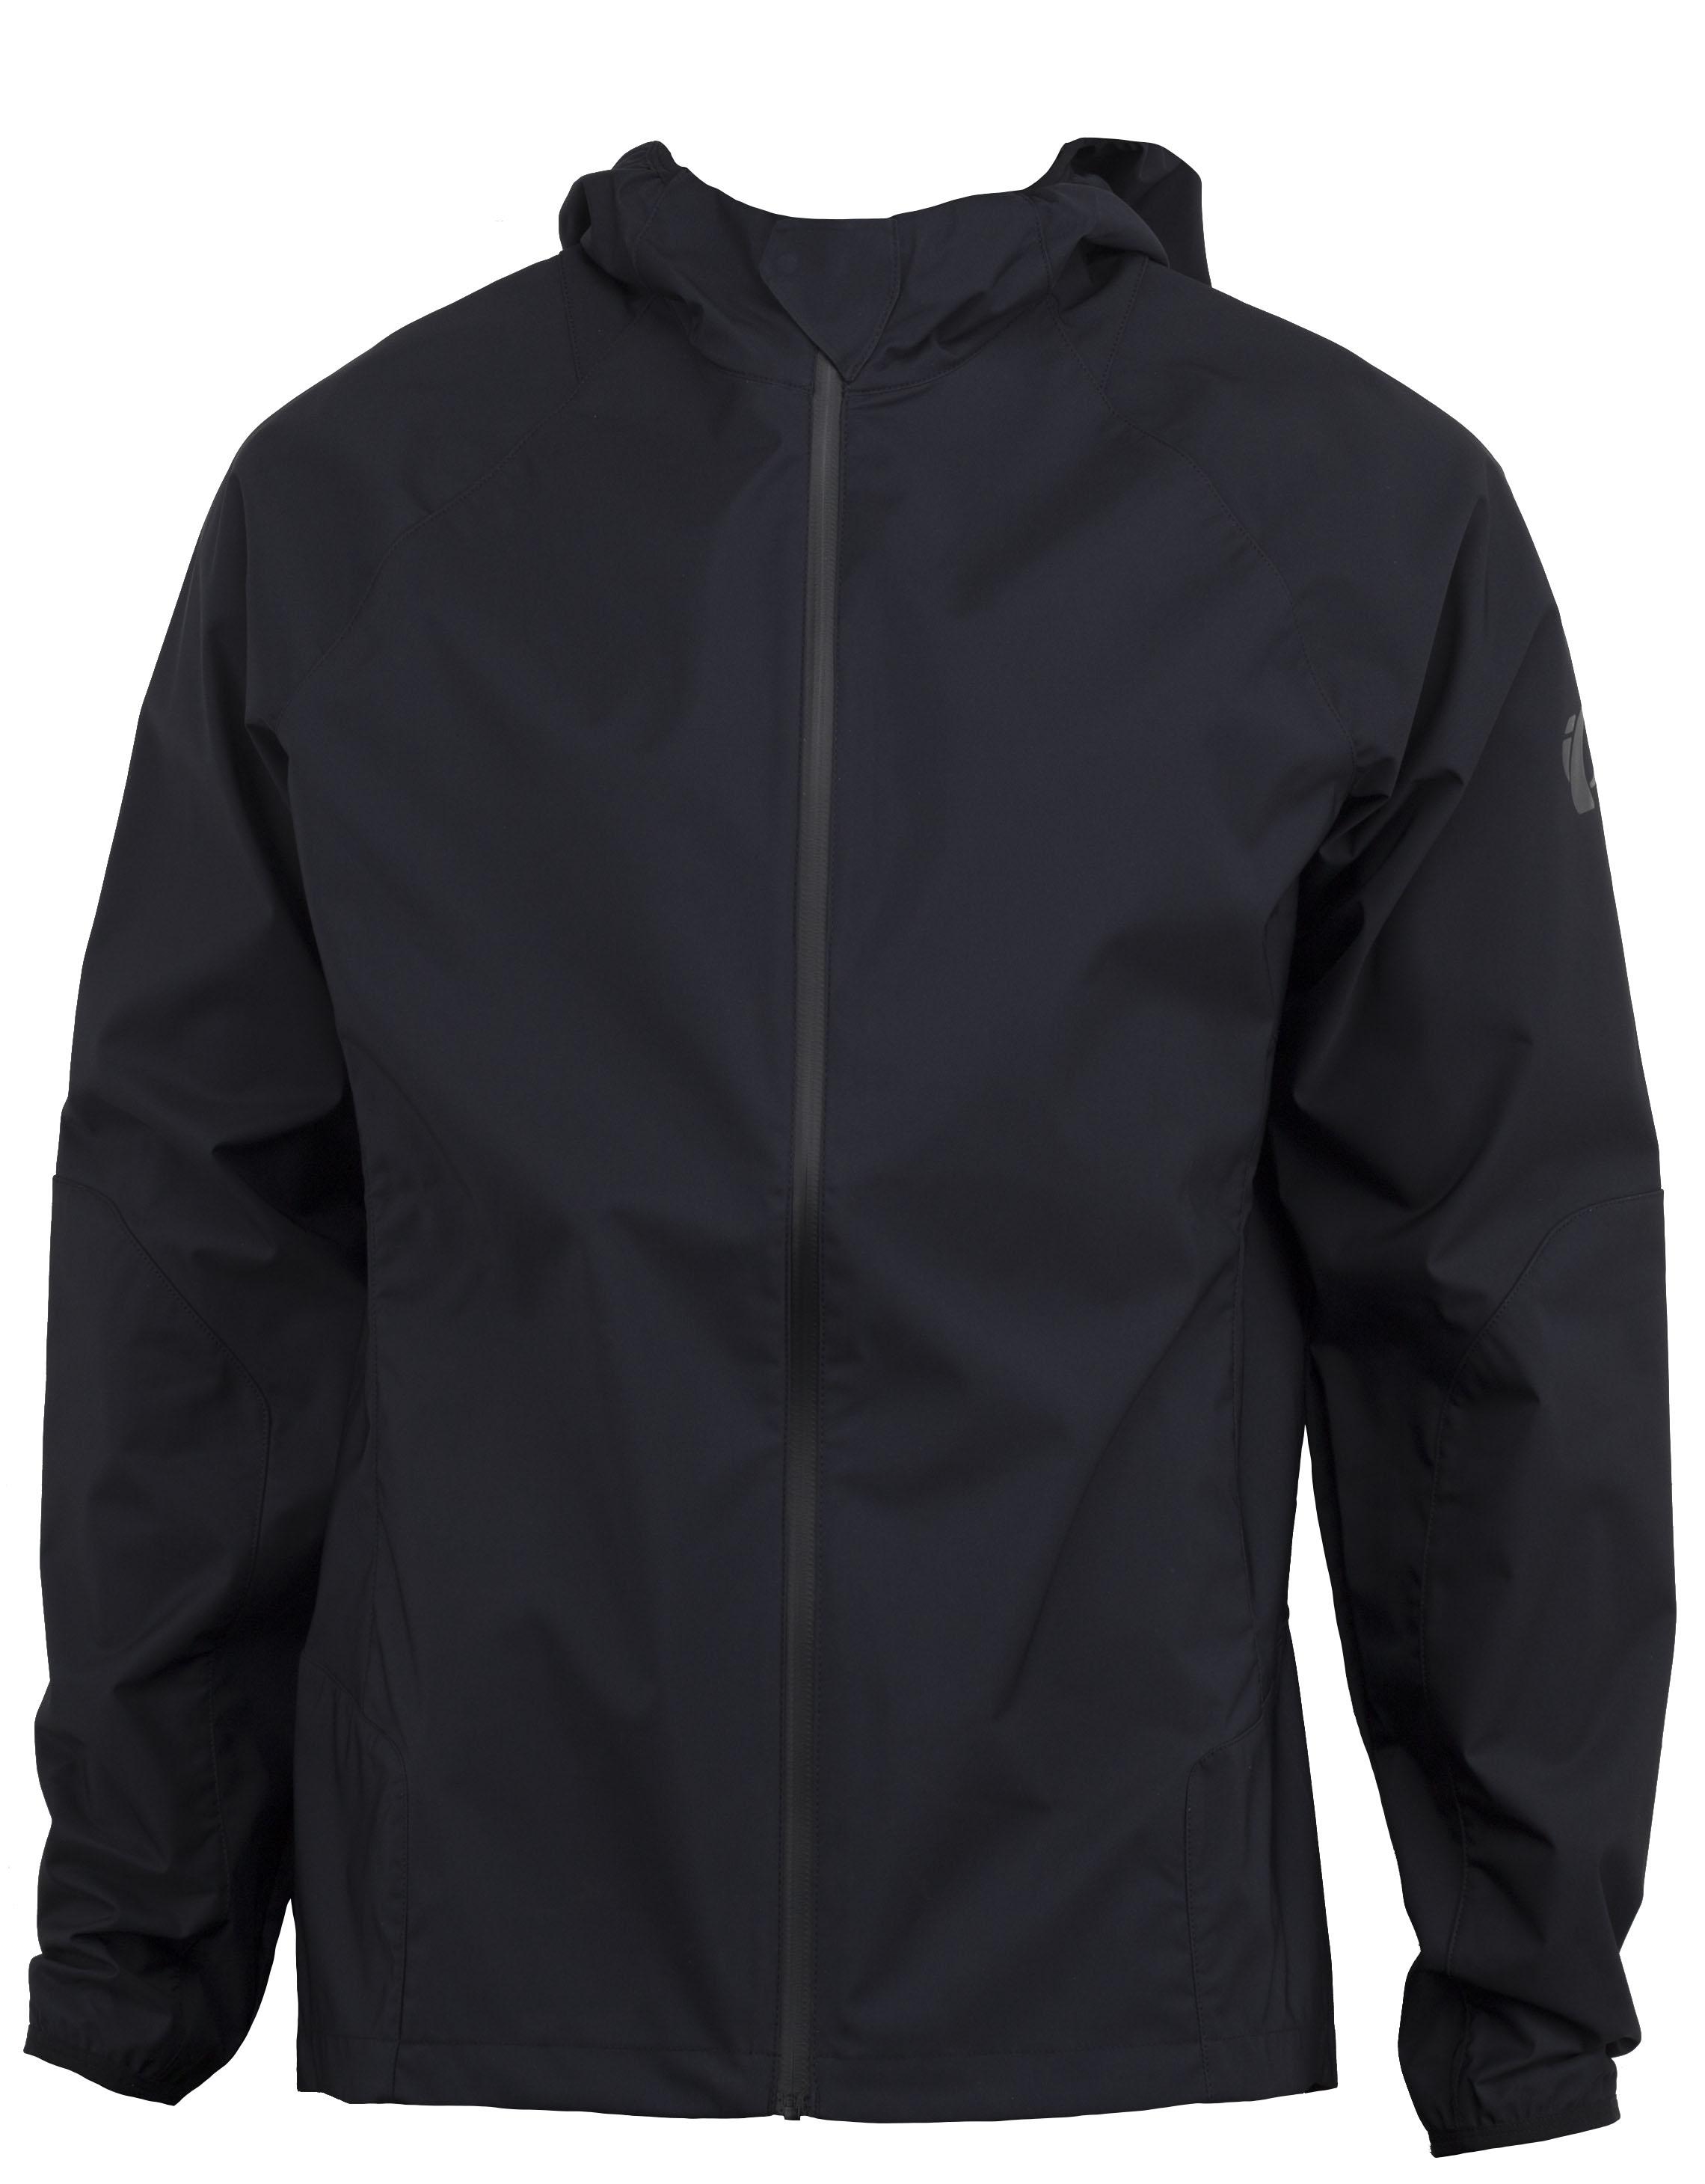 Pearl Izumi MTB Wrx Bike Jacket